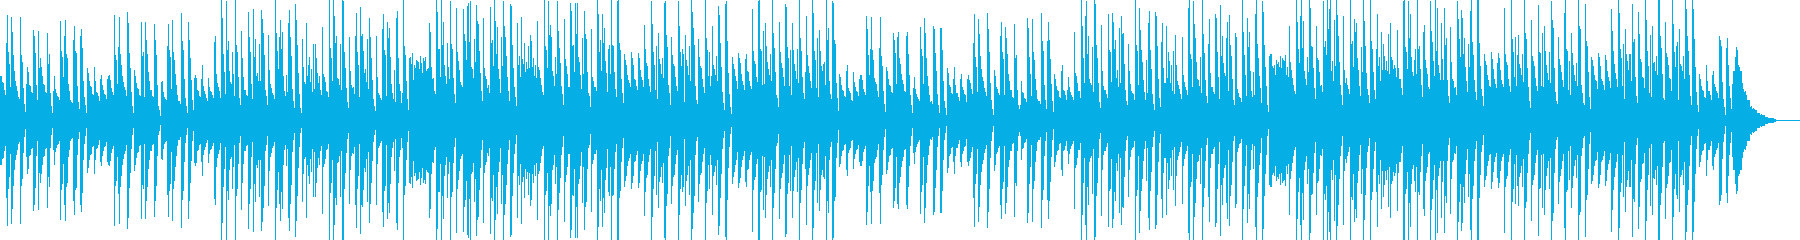 日常、トーク、ほのぼのピアノポップの再生済みの波形